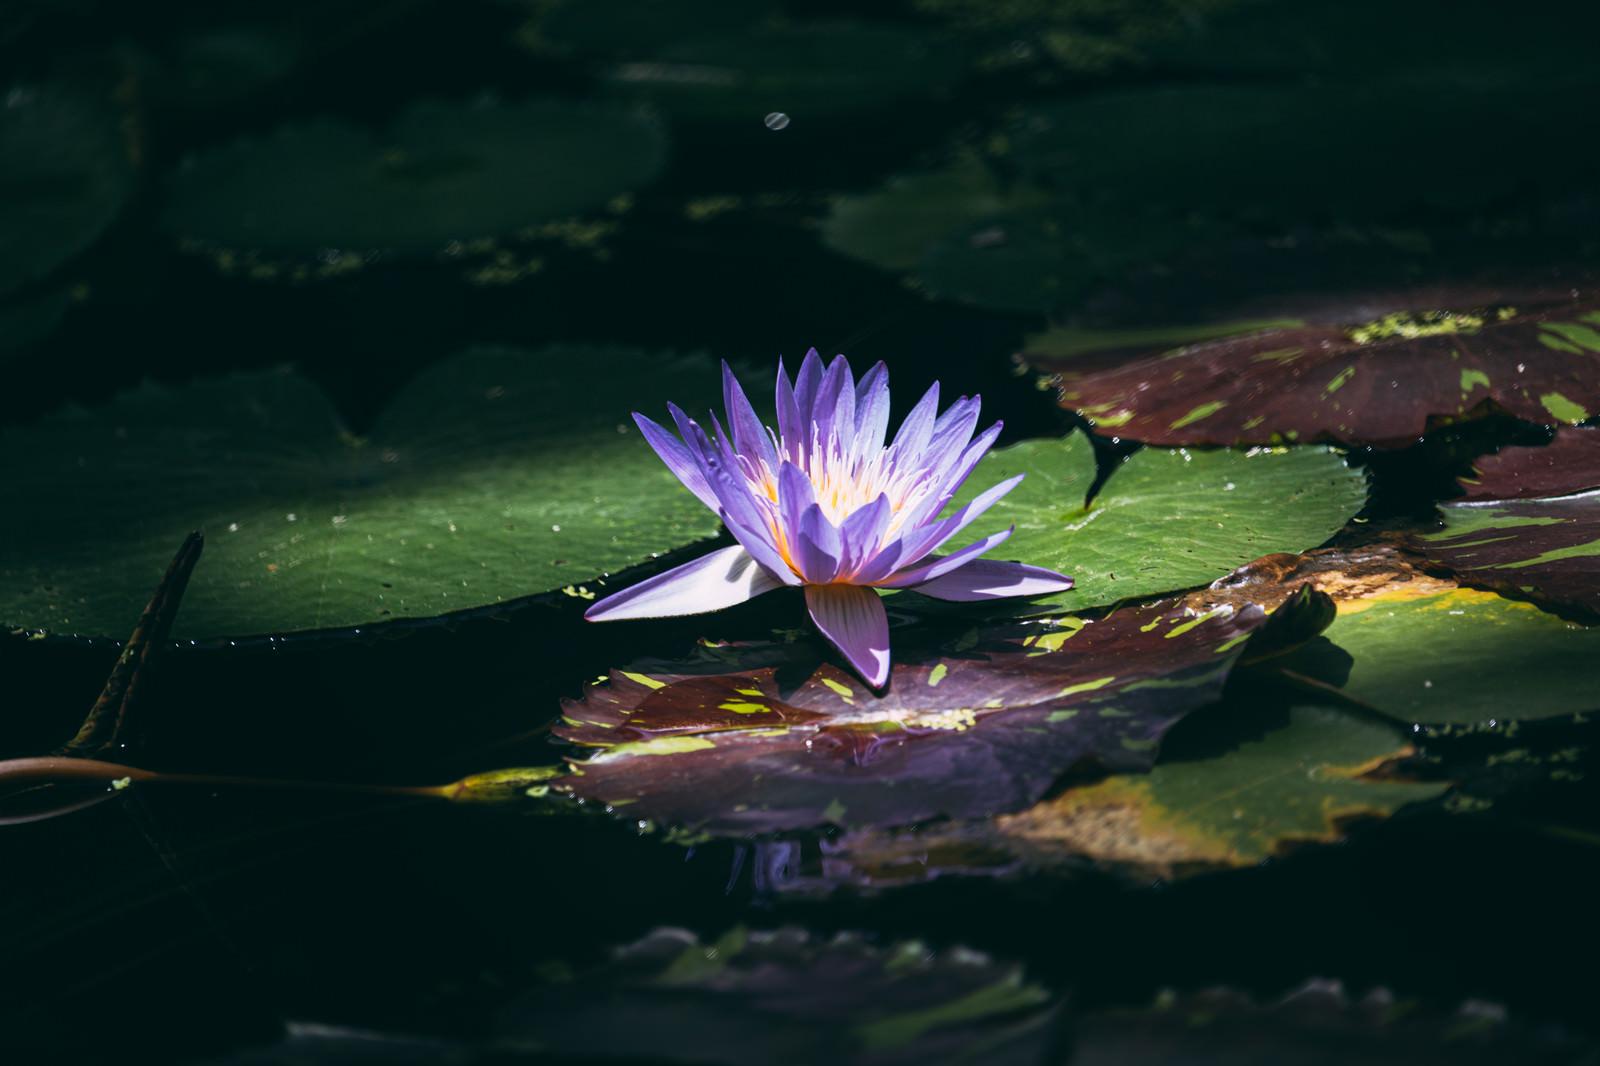 「スポットライトが当たったような紫睡蓮」の写真